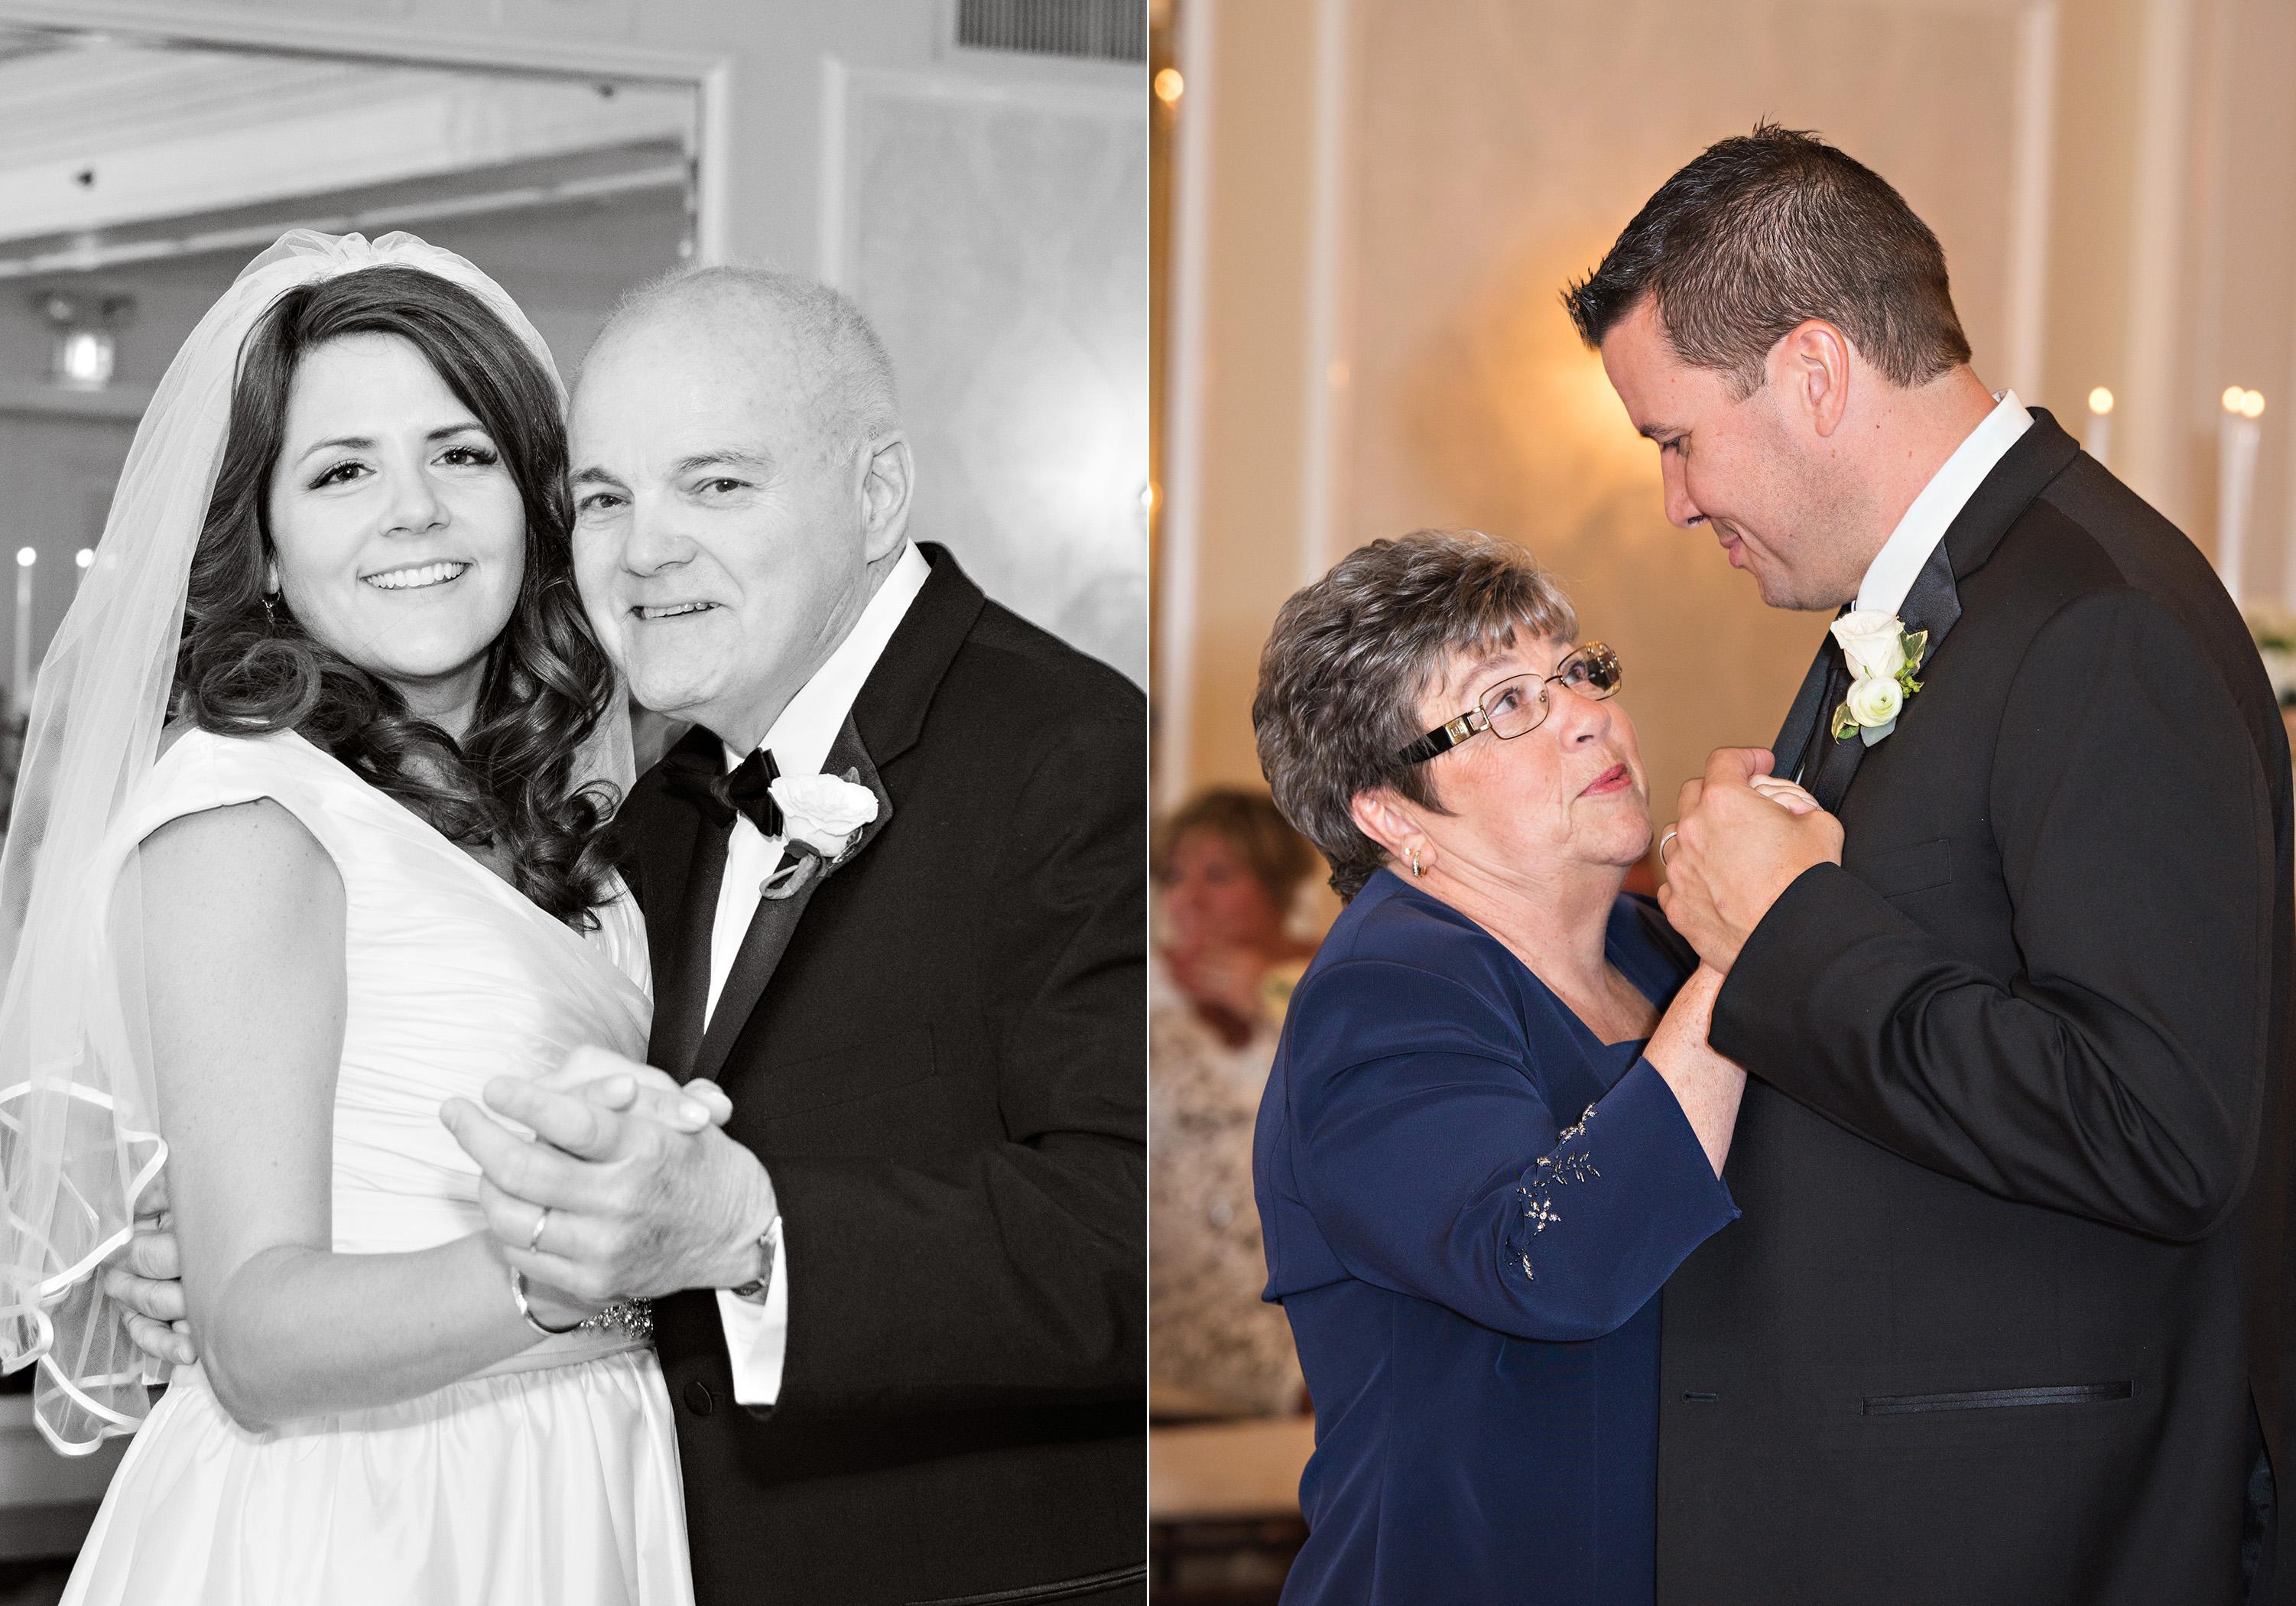 45-Sara Stadtmiller-SRS-Photography-Asbury-Park-Wedding-Photographer-Monmouth-County-Wedding-Photographer-NJ-Wedding-Photographer-Molly-Pitcher-Inn-Wedding